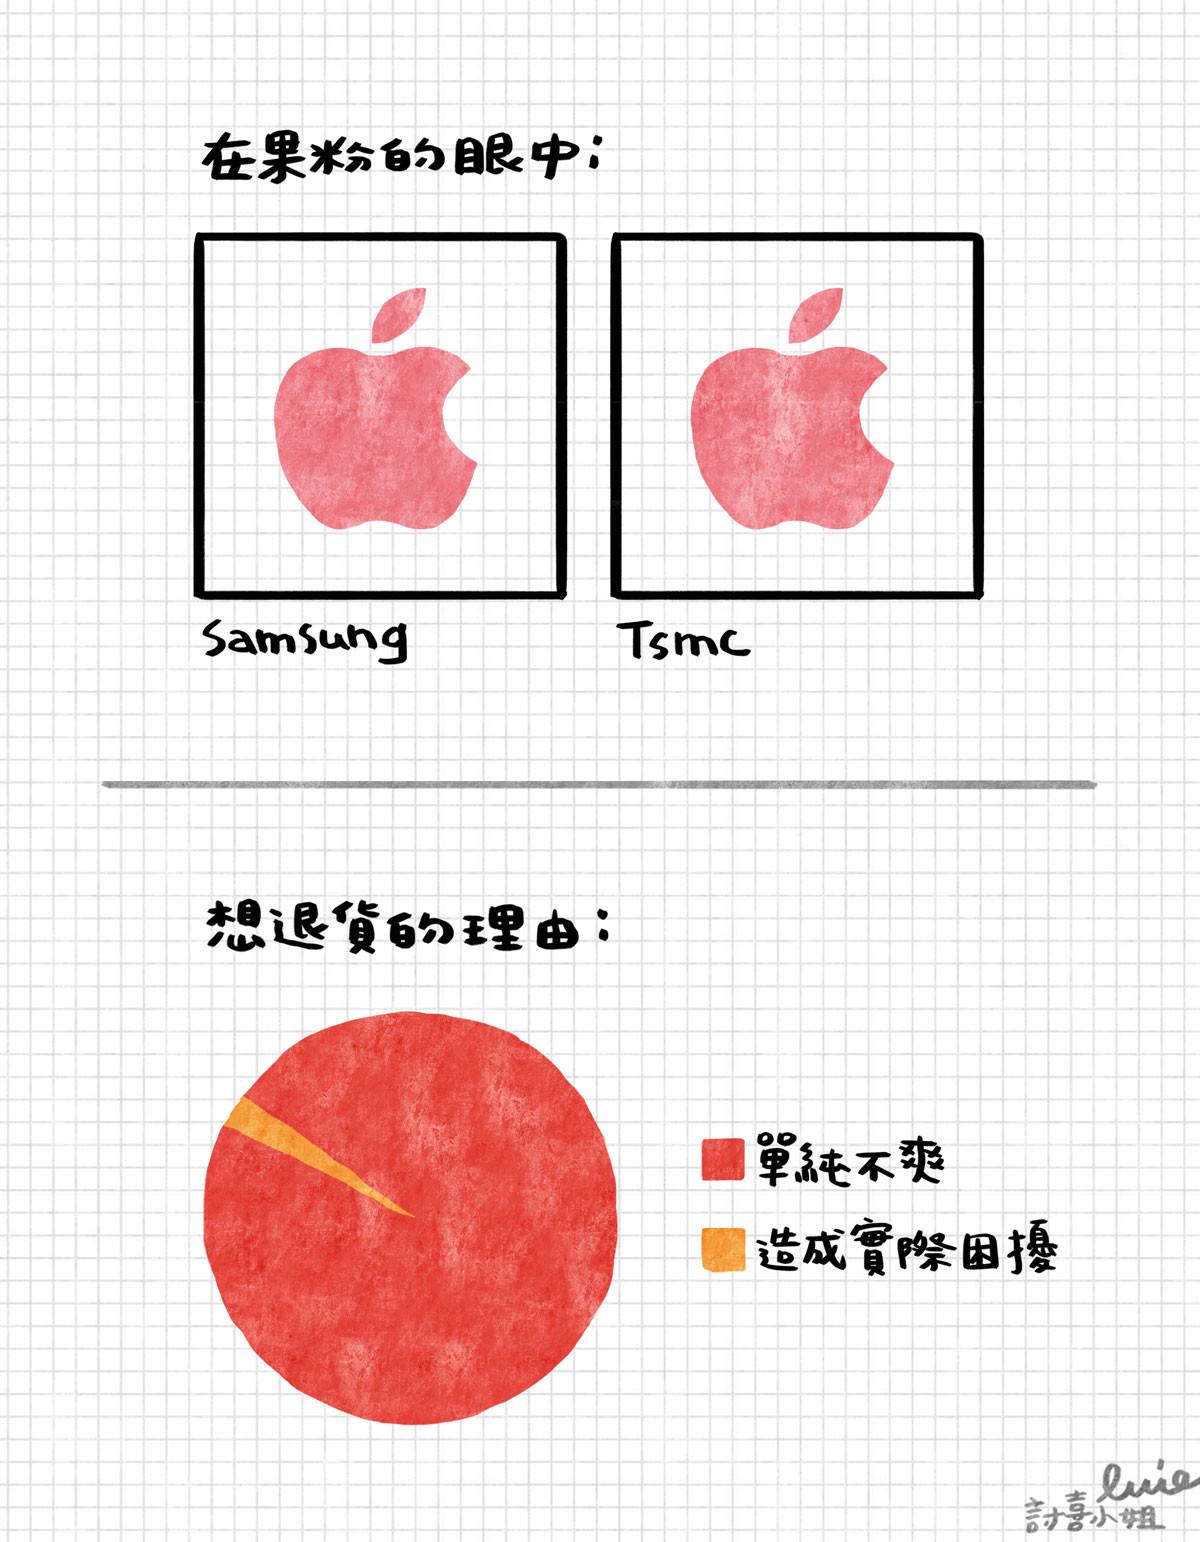 是今日新聞淺談:iPhone 6S 處理器 Samsung 和台積電的電量耗損...差不多啦這篇文章的首圖